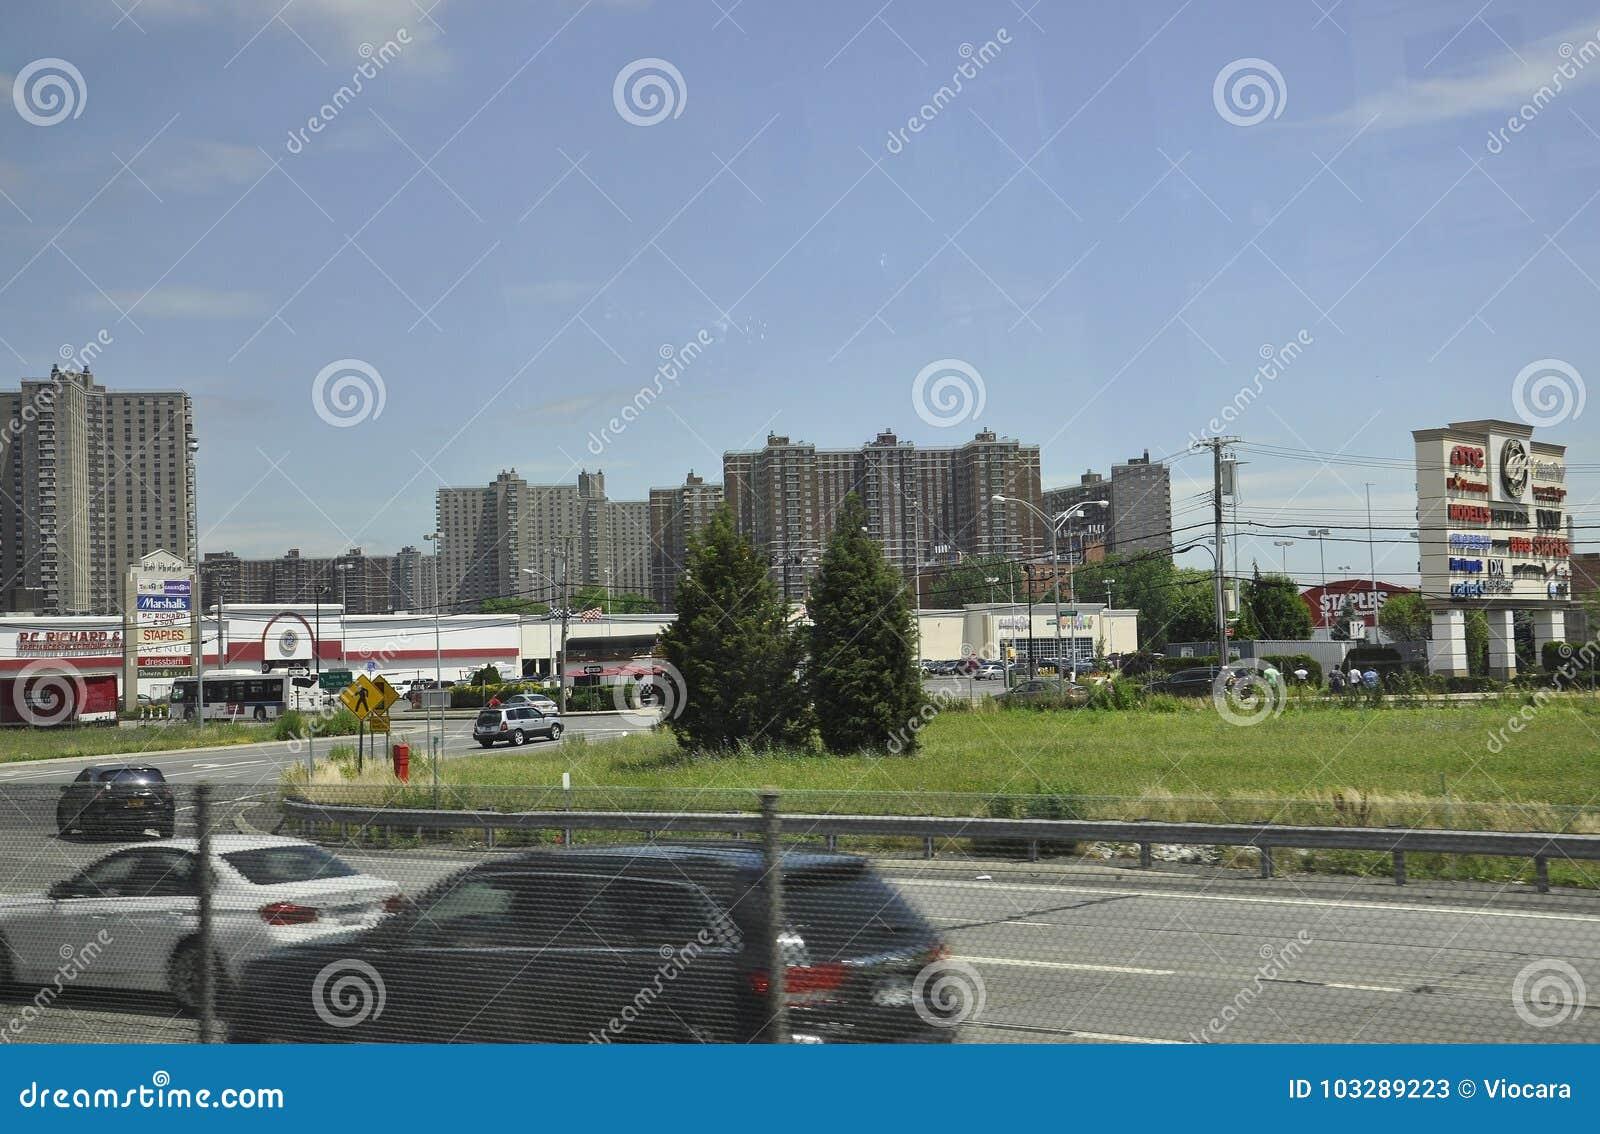 New York City, am 1. Juli: Bucht-Piazza in Bronx von New York City in Vereinigten Staaten